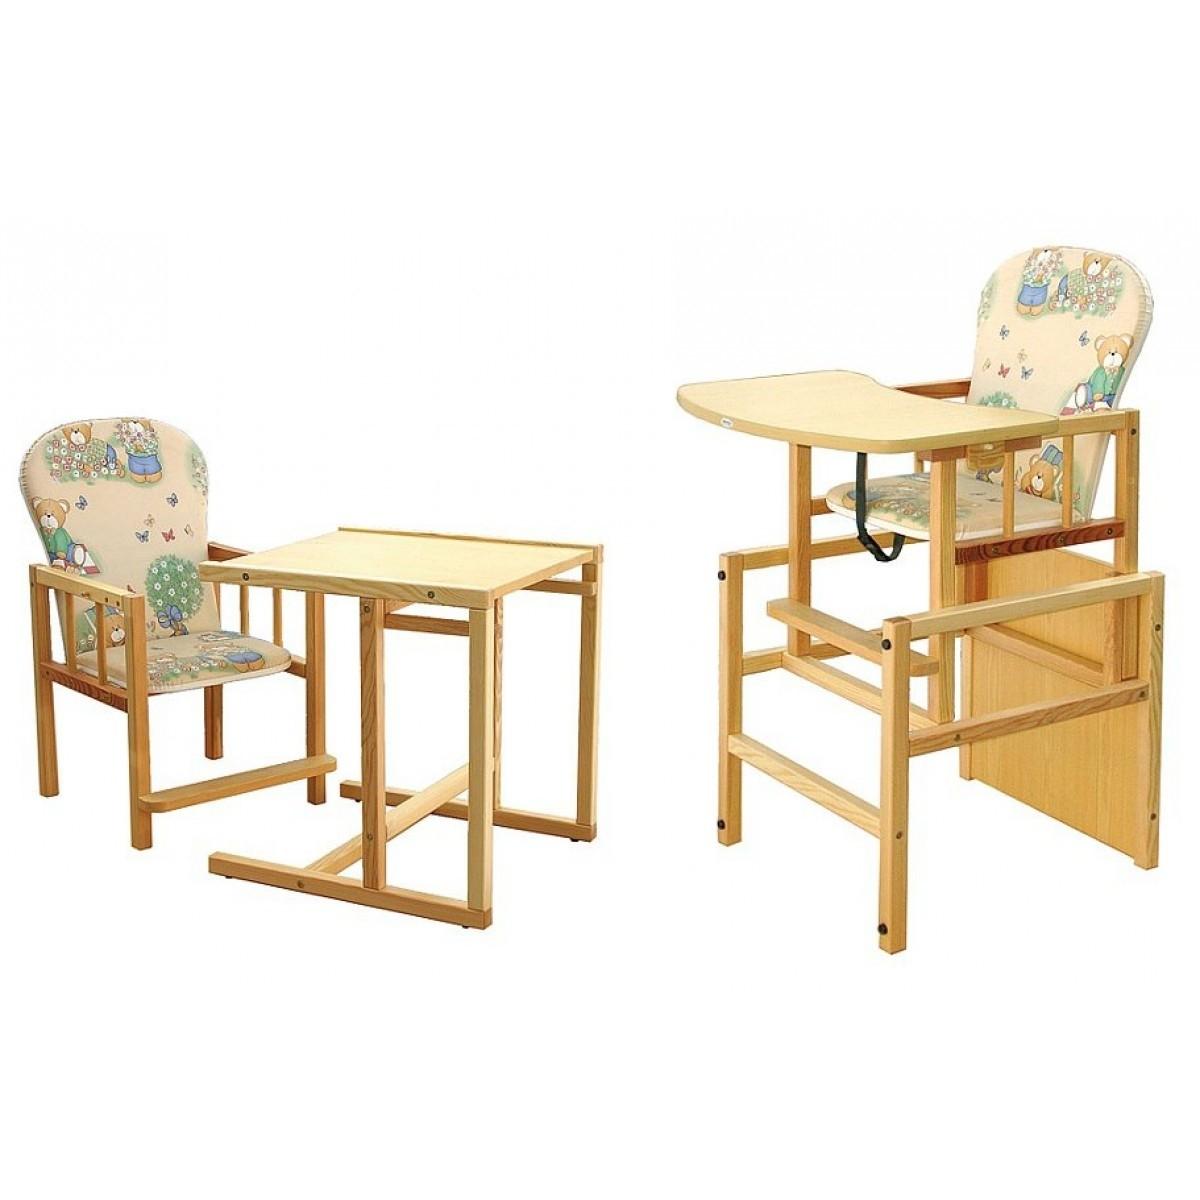 Bocian medinė maitinimo kėdutė Bobas, šviesi pušis